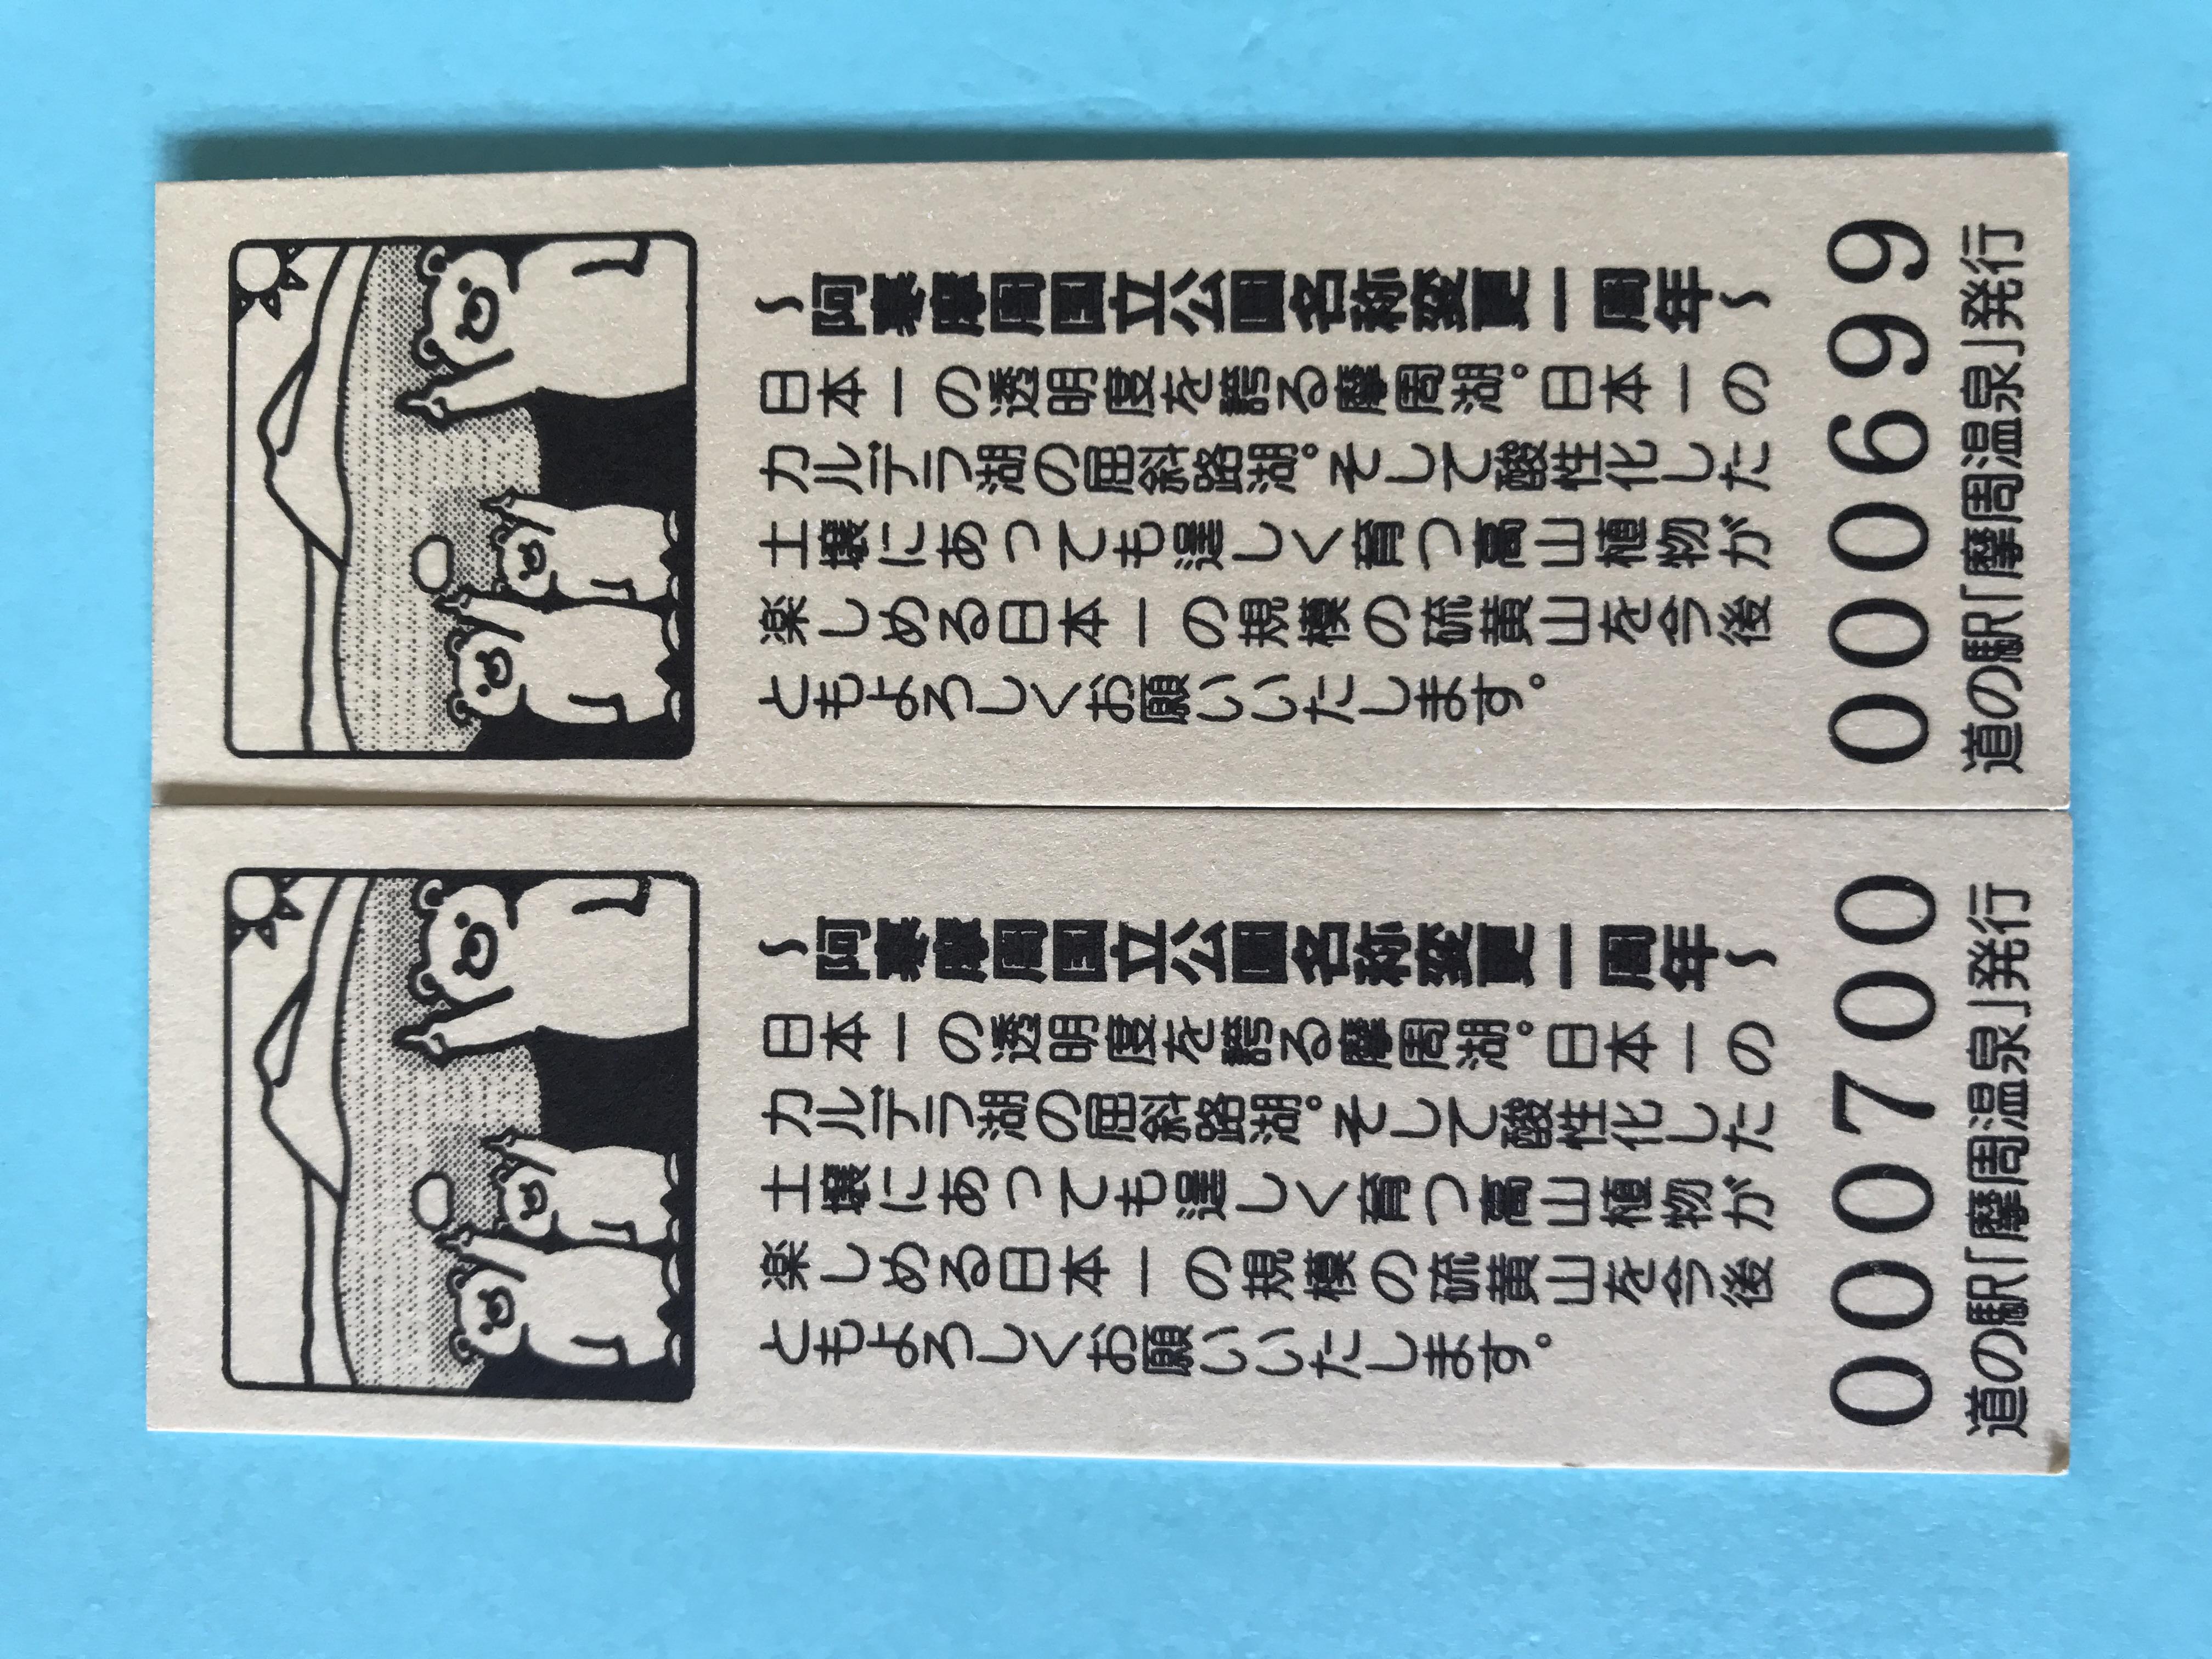 599C819C-15BB-4F95-805A-B6CCCDEC735A.jpeg